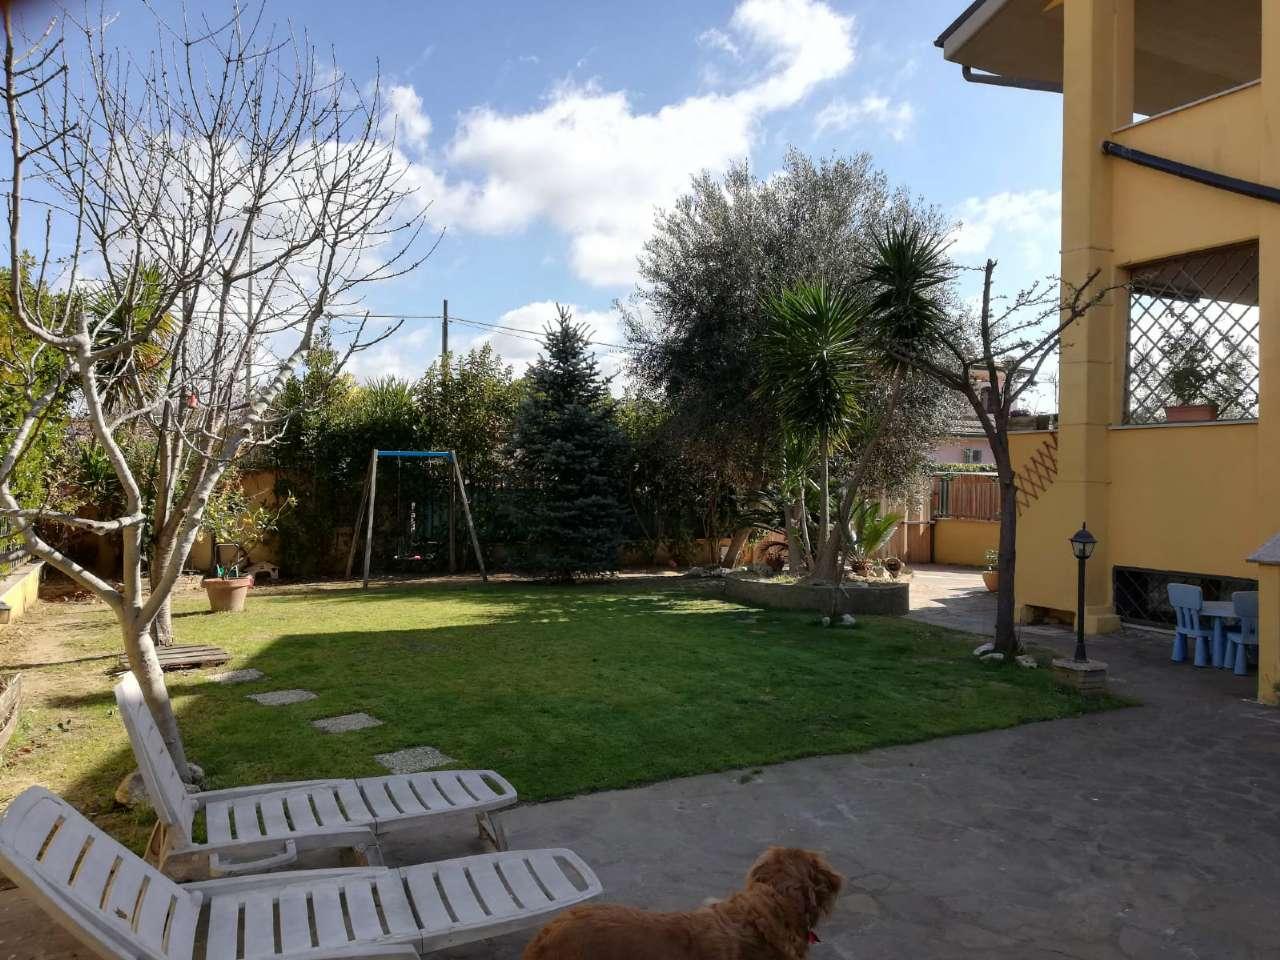 Villa in vendita a Roma, 4 locali, zona Zona: 38 . Acilia, Vitinia, Infernetto, Axa, Casal Palocco, Madonnetta, prezzo € 299.000 | CambioCasa.it